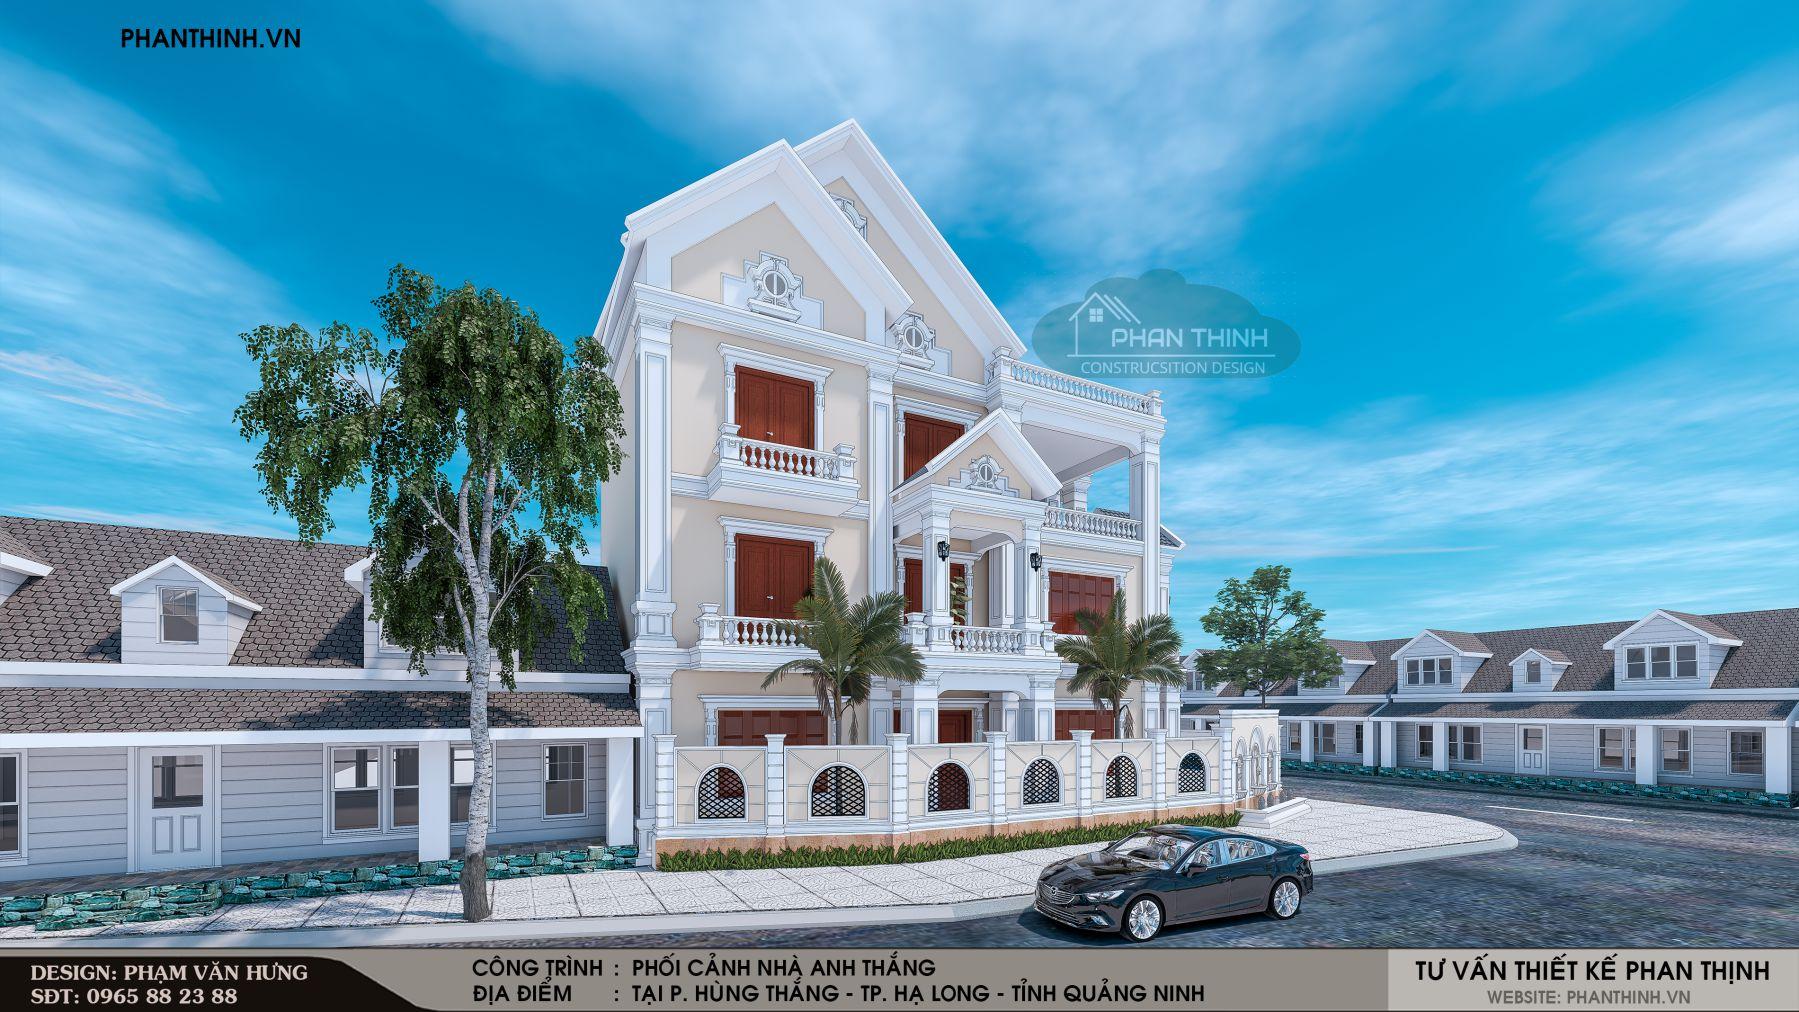 Phối cảnh mặt tiền thiết kế nhà 3 tầng tân cổ điển tại Quảng Ninh